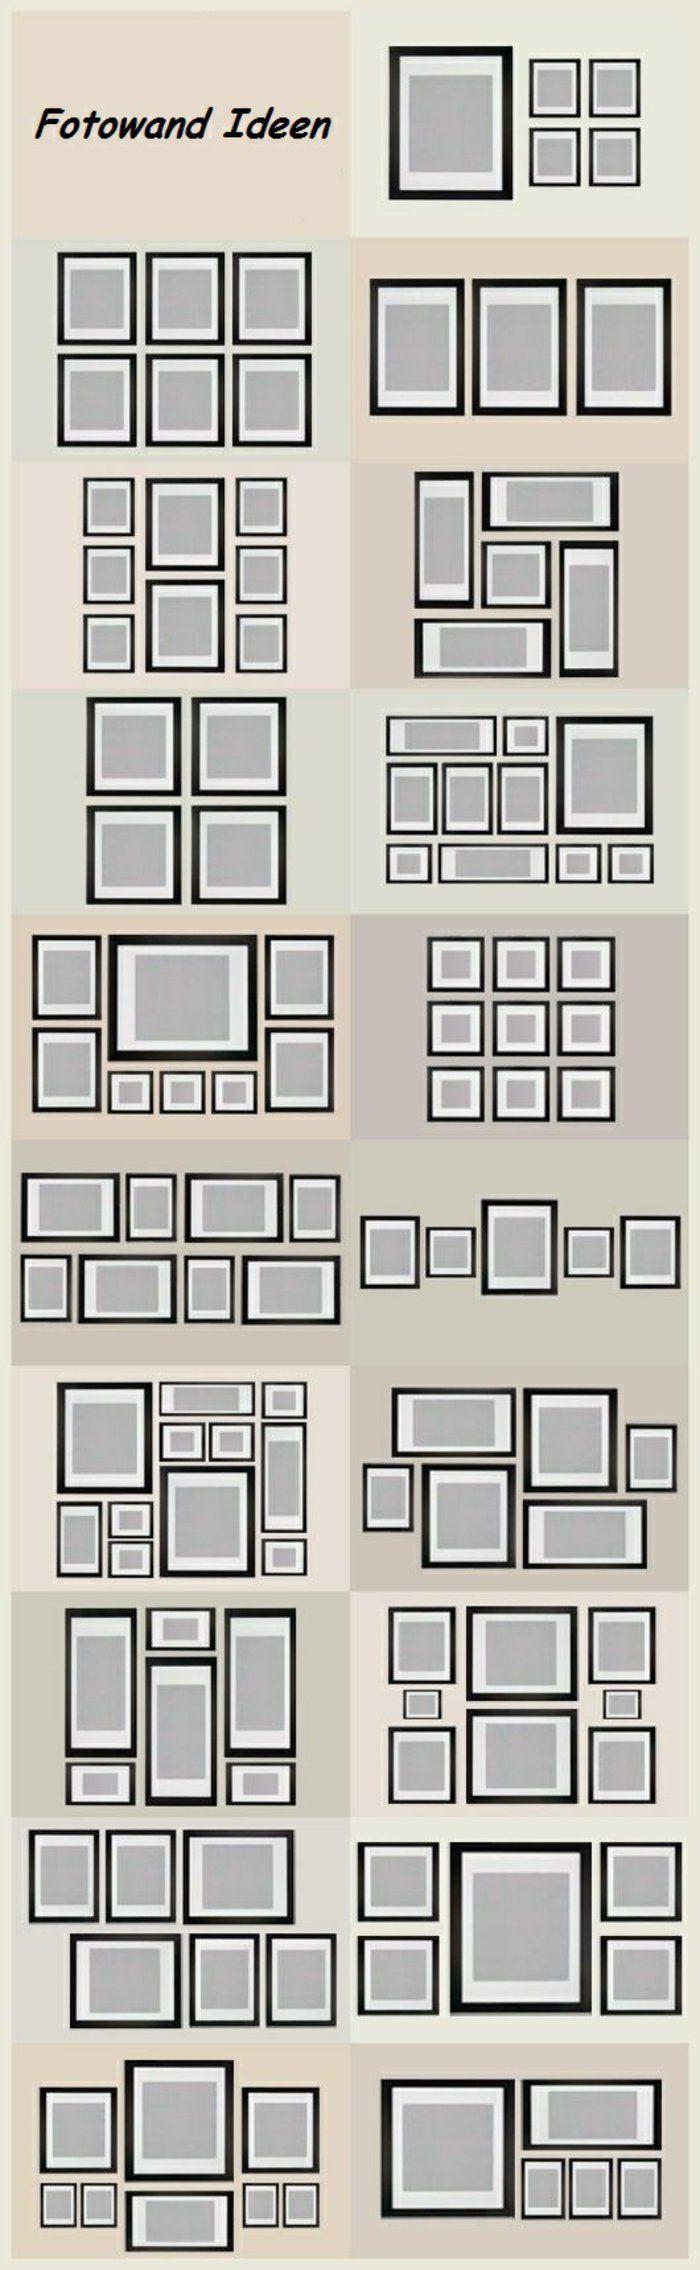 fotowand selber machen wohnen dekorieren fotowand selber machen fotowand und wandgestaltung. Black Bedroom Furniture Sets. Home Design Ideas